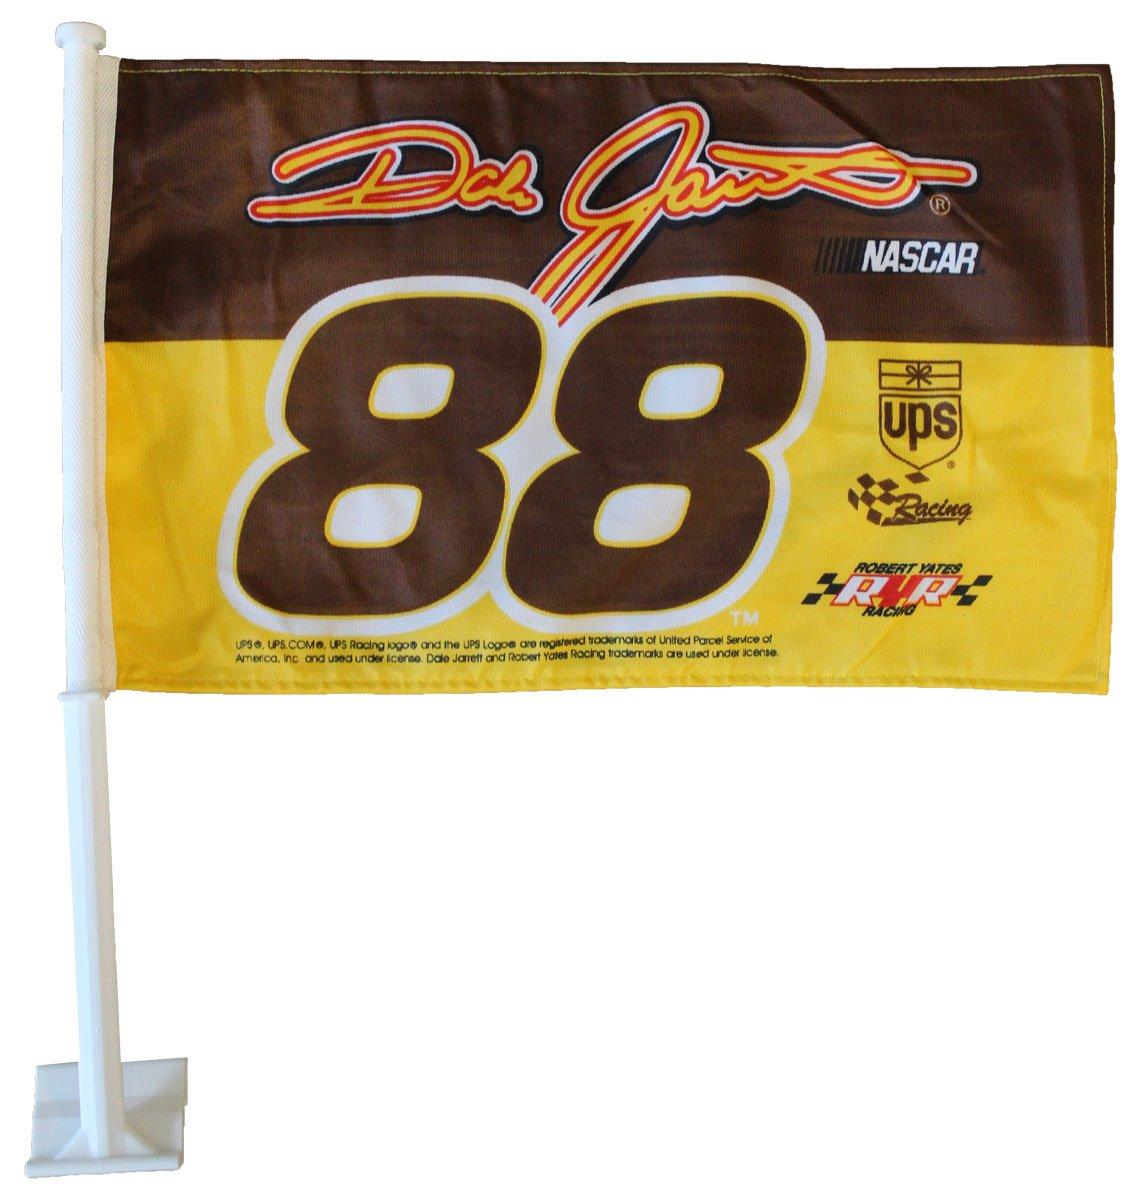 【新作からSALEアイテム等お得な商品満載】 Dale Jarrett Jarrett (ライトブラウン) Dale – B000EOFH1Y NASCAR Car Flag B000EOFH1Y, 八丈町:e1dd476a --- arianechie.dominiotemporario.com